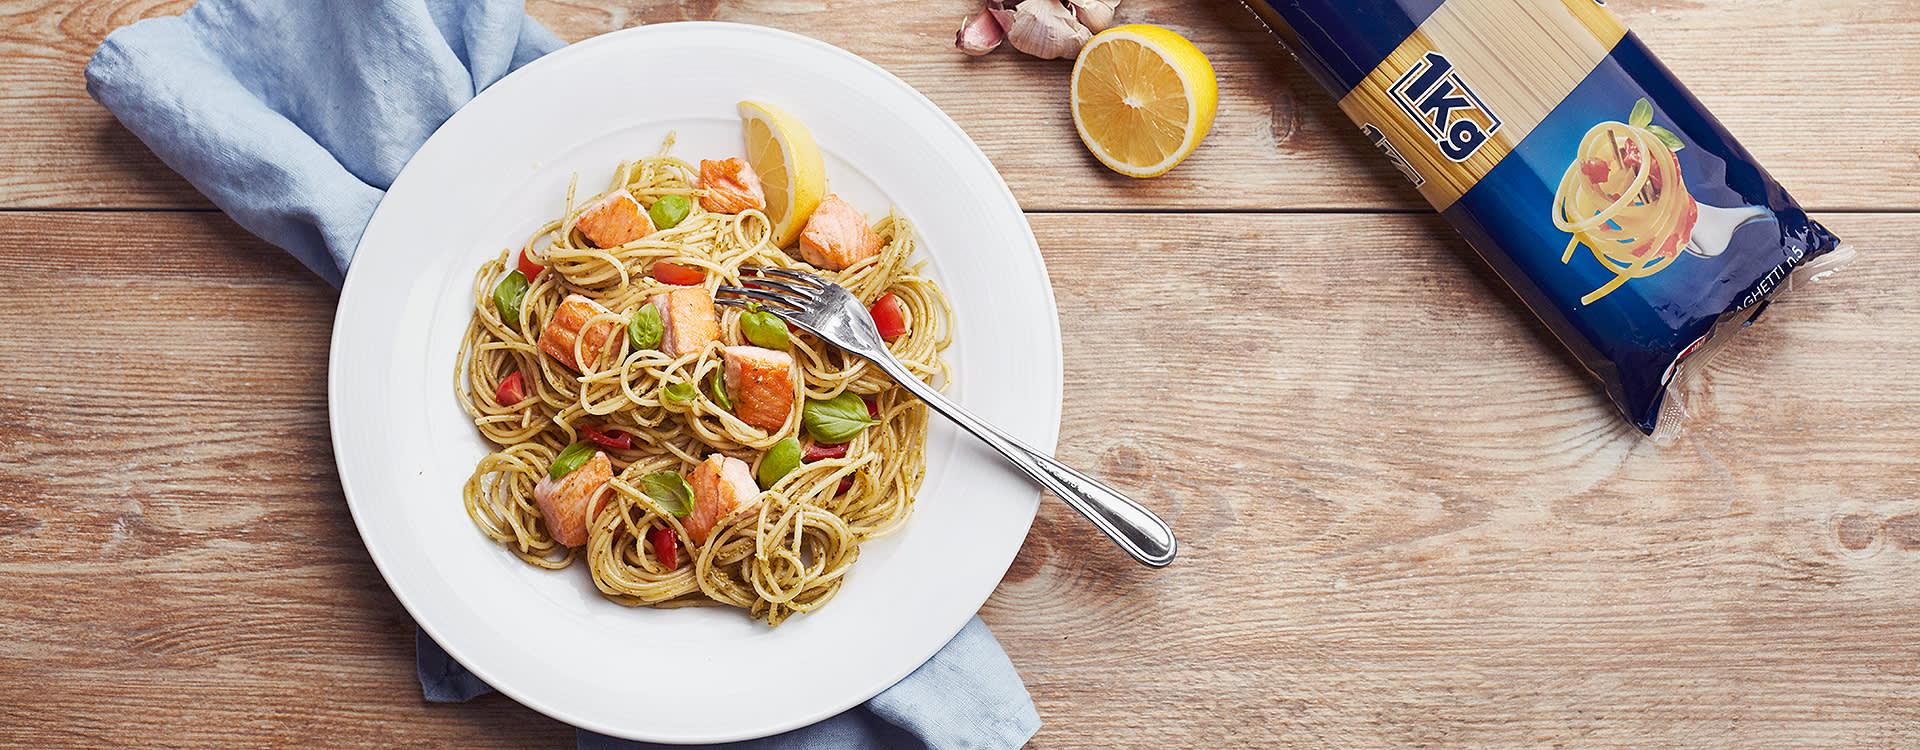 NAM: Nå kan hvem som helst oppnå perfekt al-dente-kvalitet på pasta. FOTO: Øyvind Haug